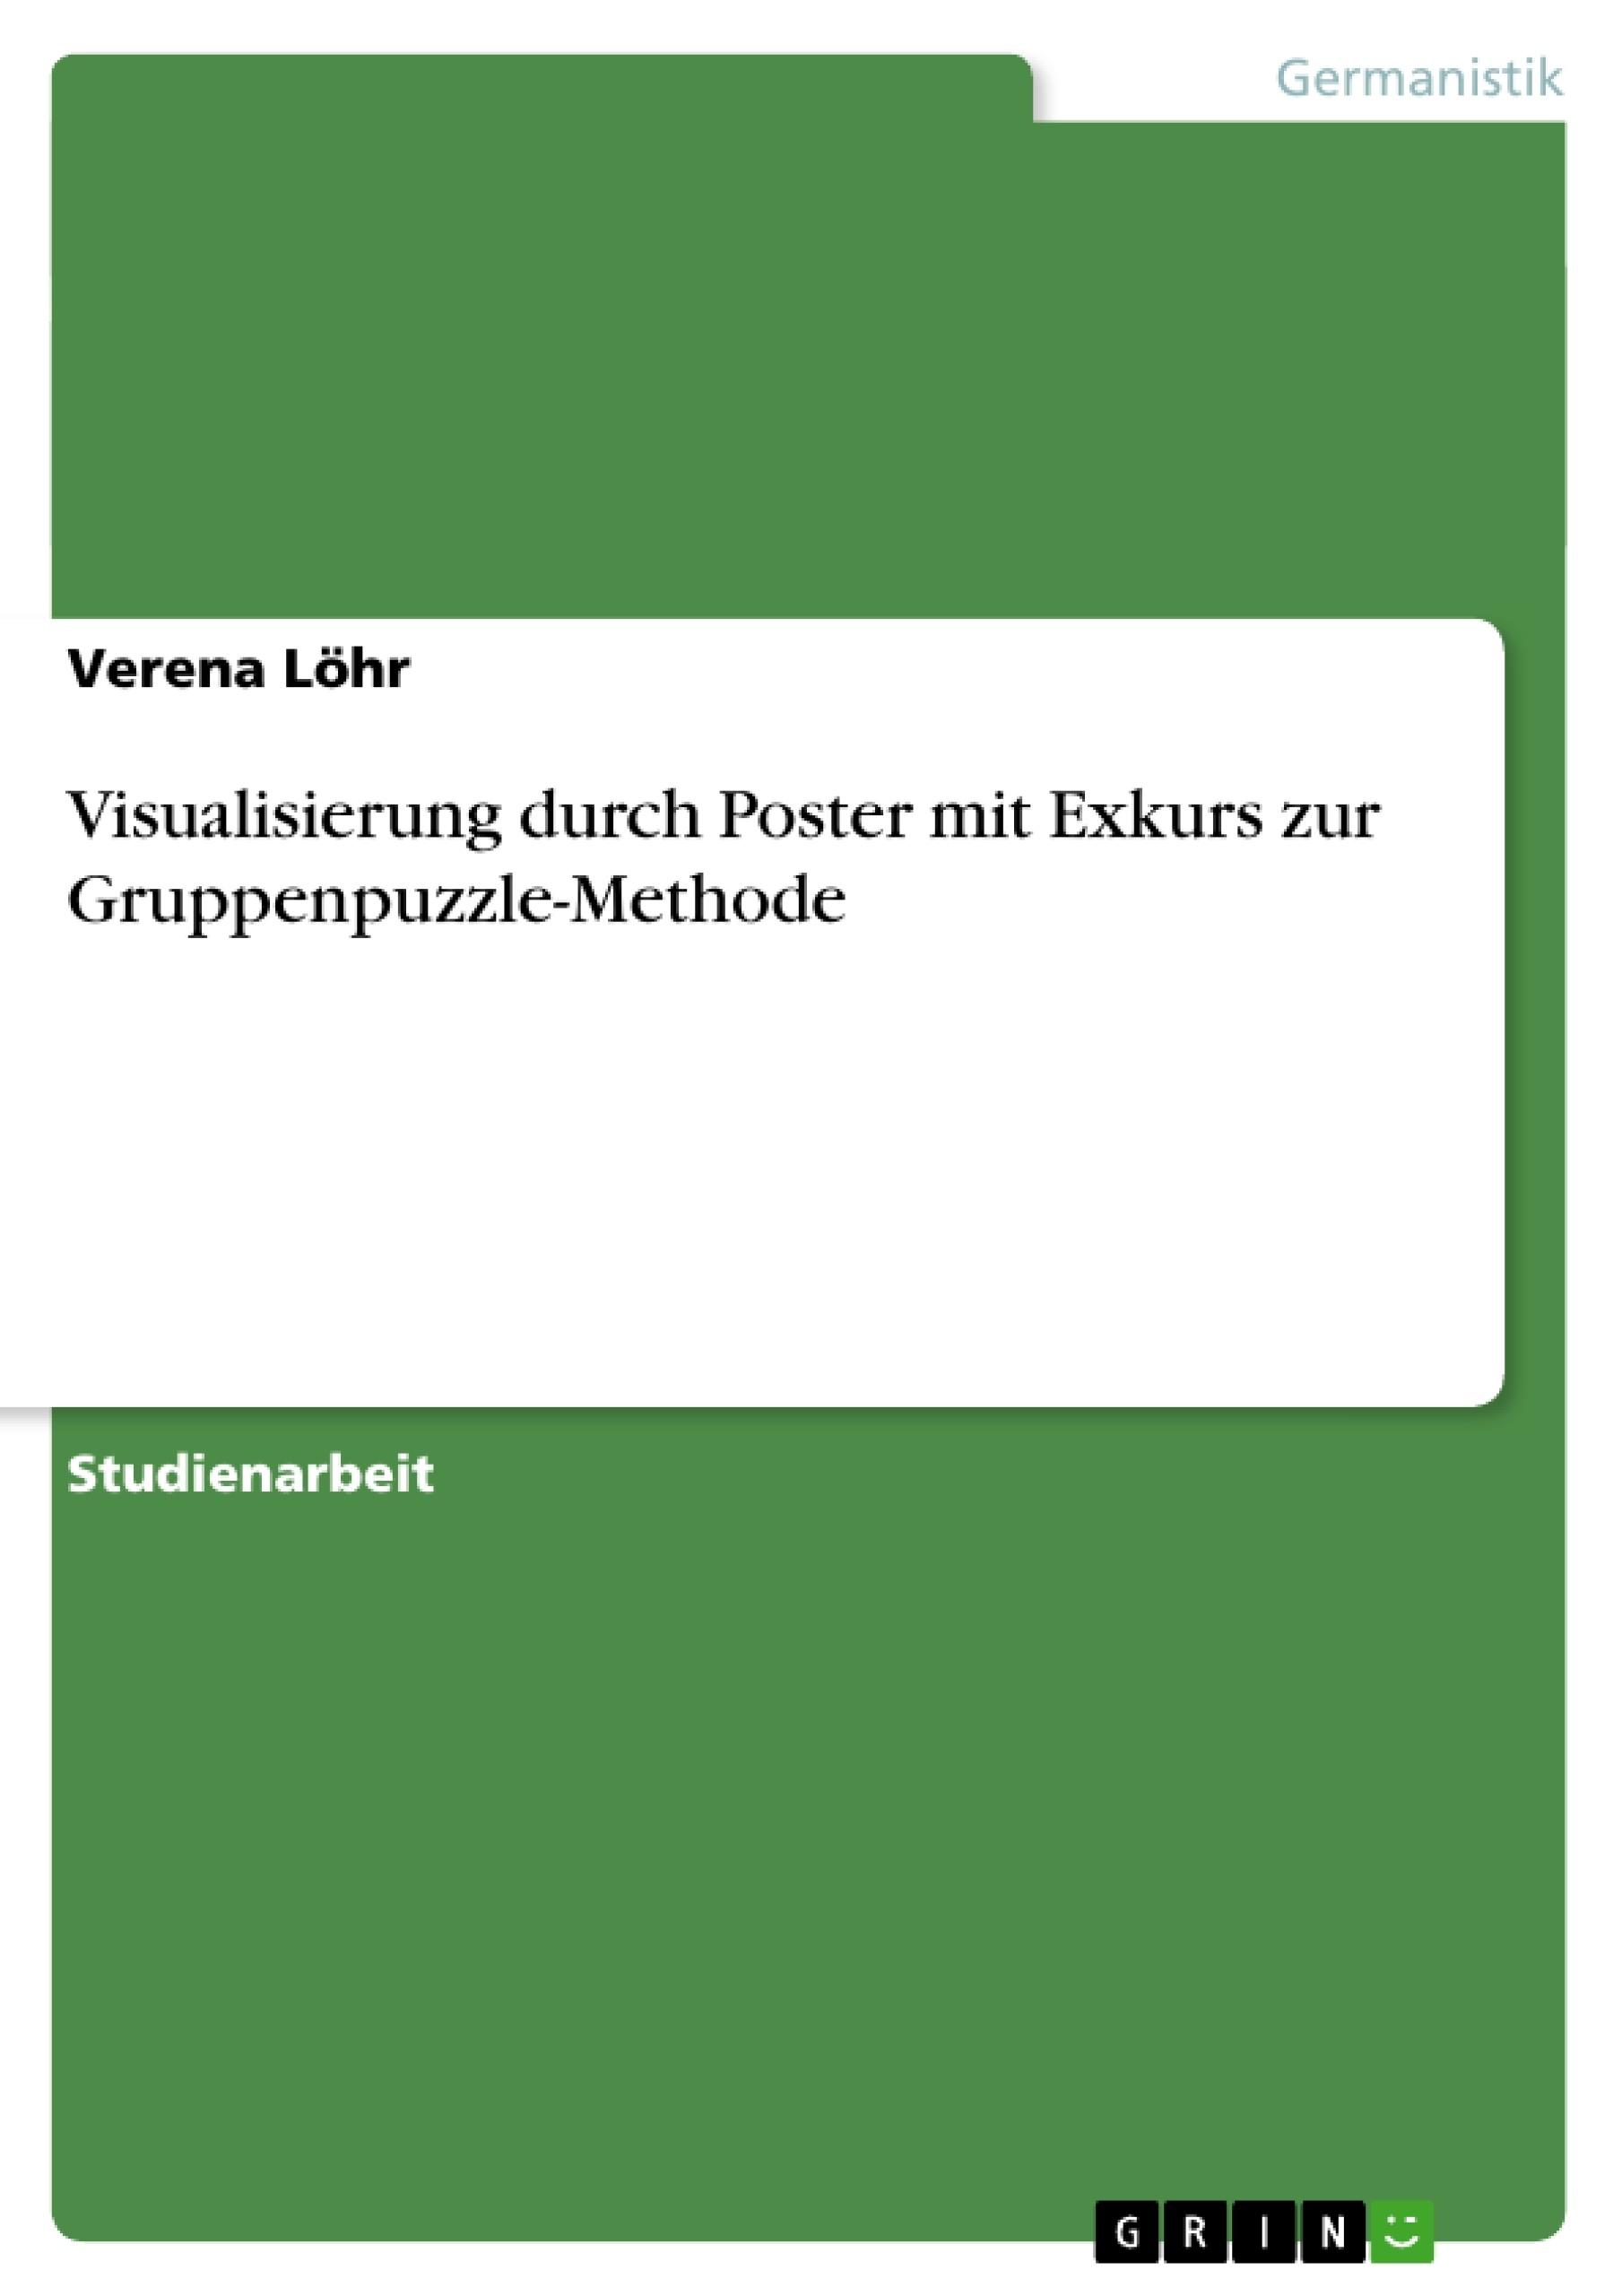 Titel: Visualisierung durch Poster mit Exkurs zur Gruppenpuzzle-Methode